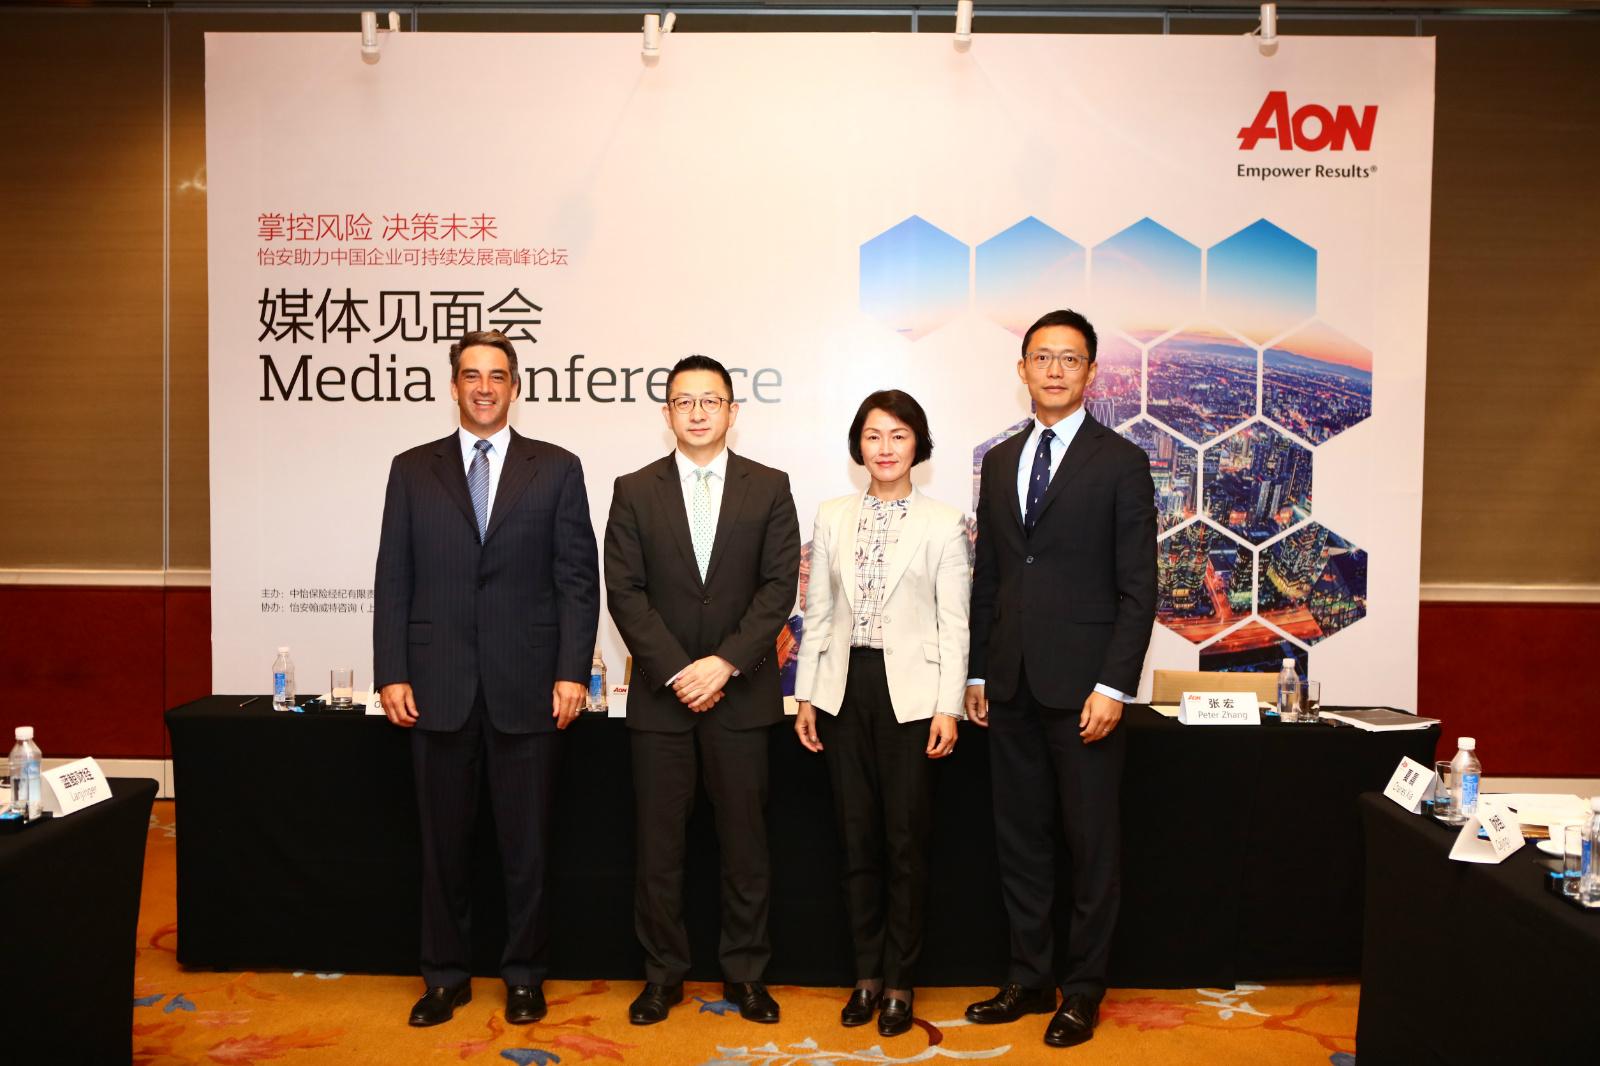 """""""掌控风险,决策未来"""" 怡安助力中国企业可持续发展高峰论坛在京成功举办"""